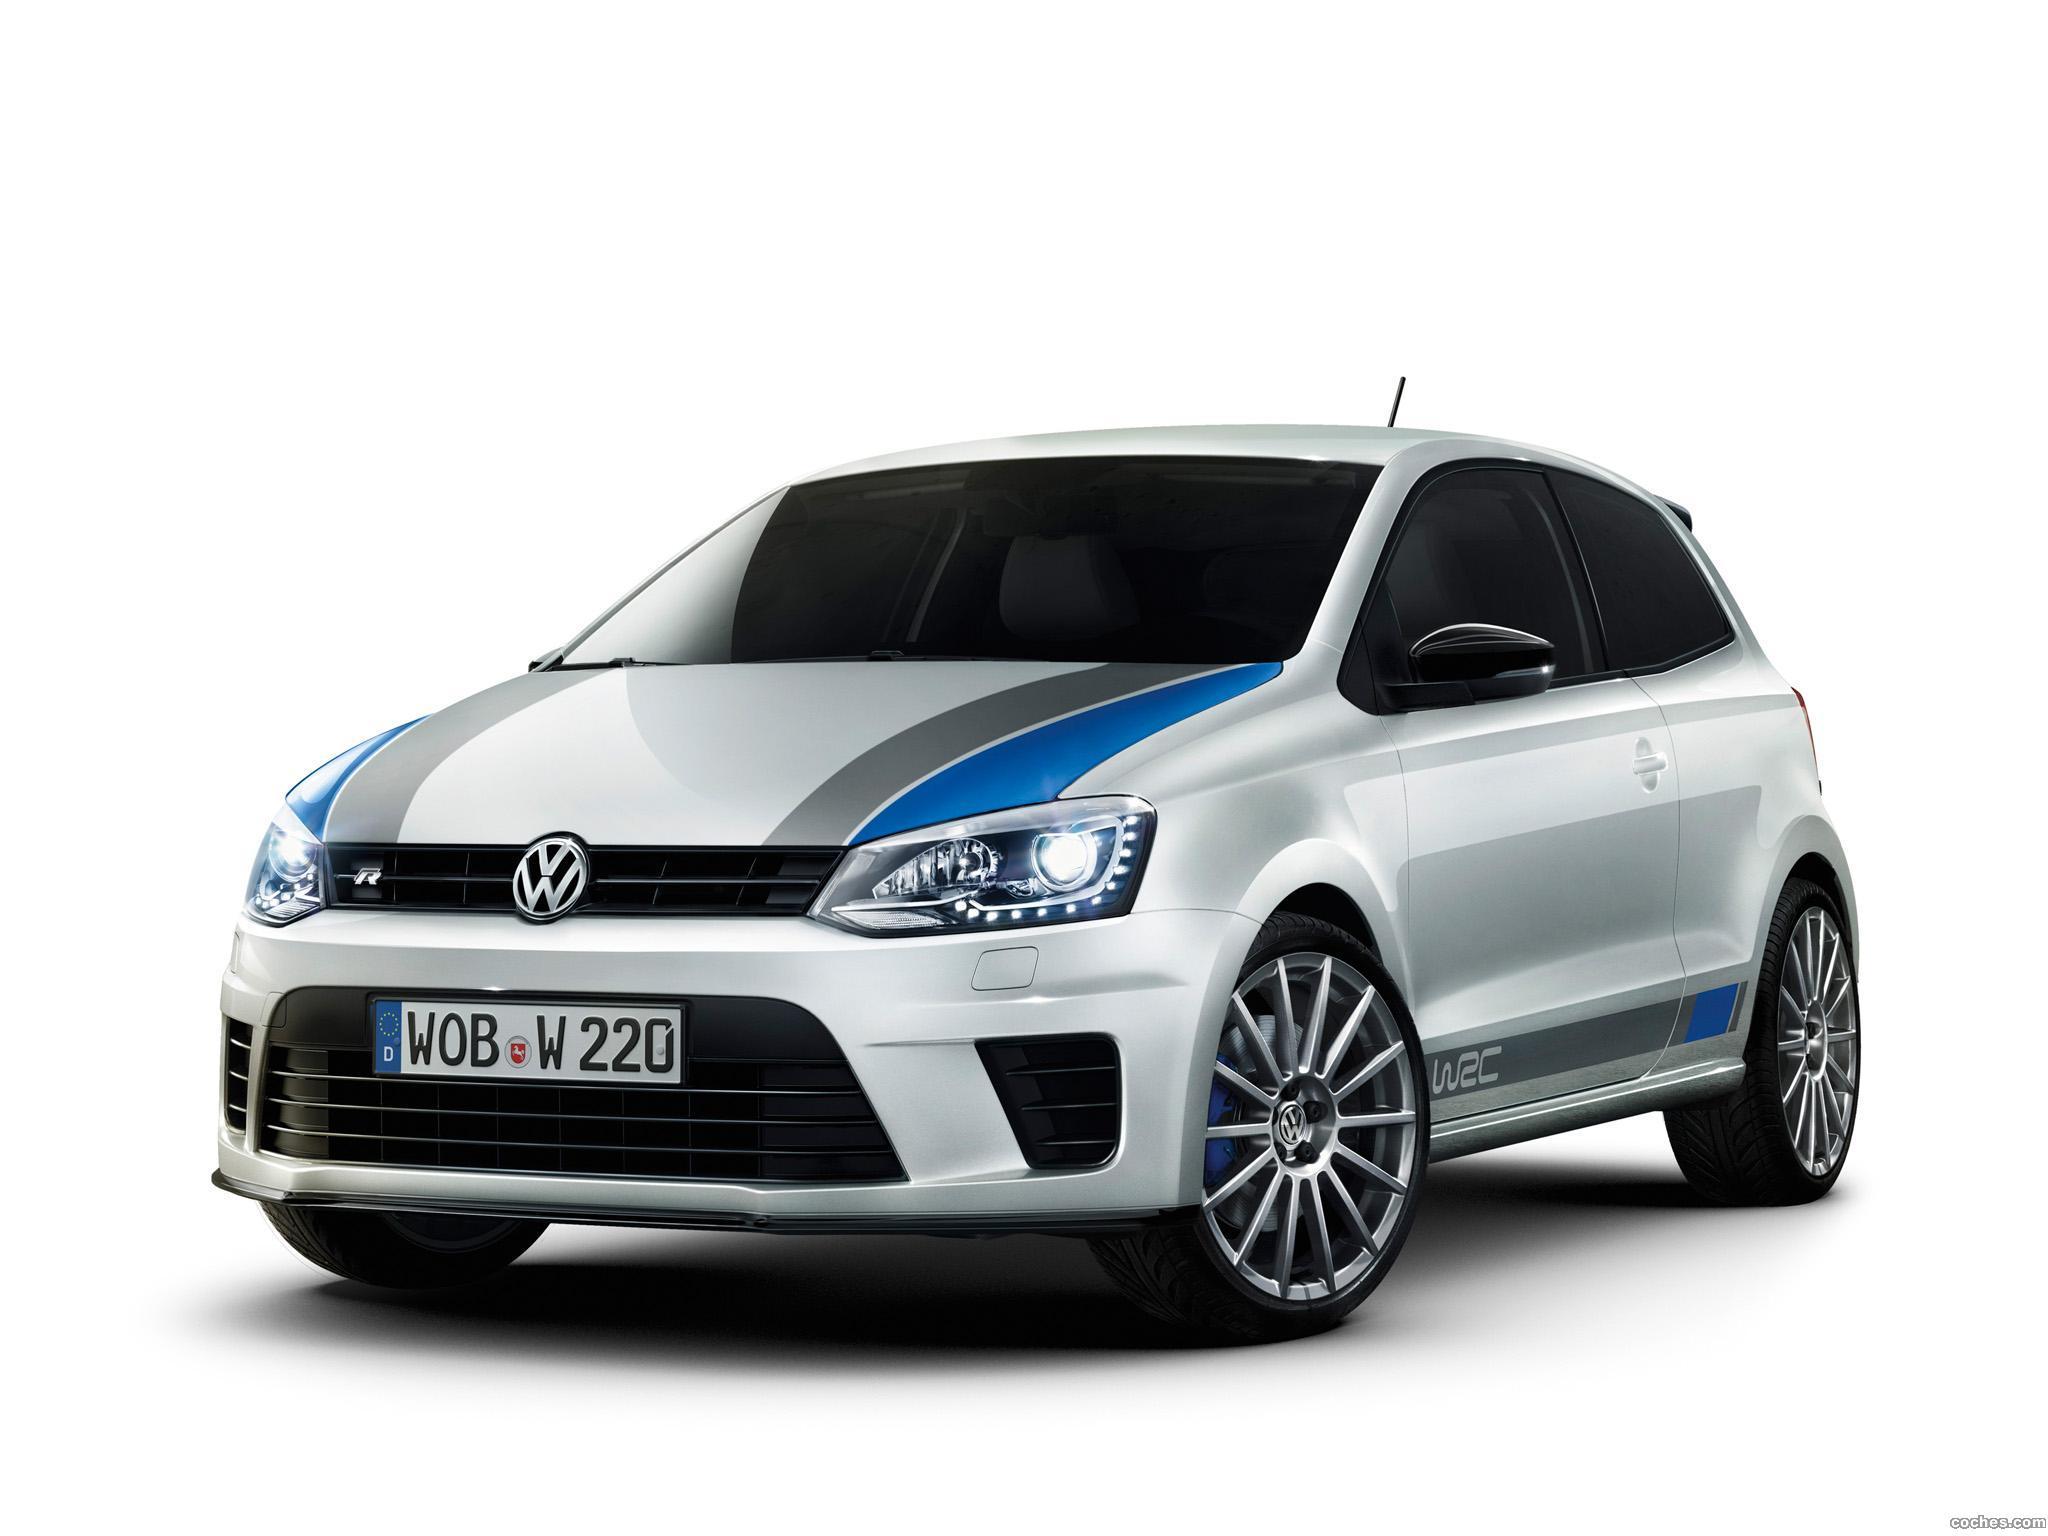 Foto 0 de Volkswagen Polo R WRC Street 2013